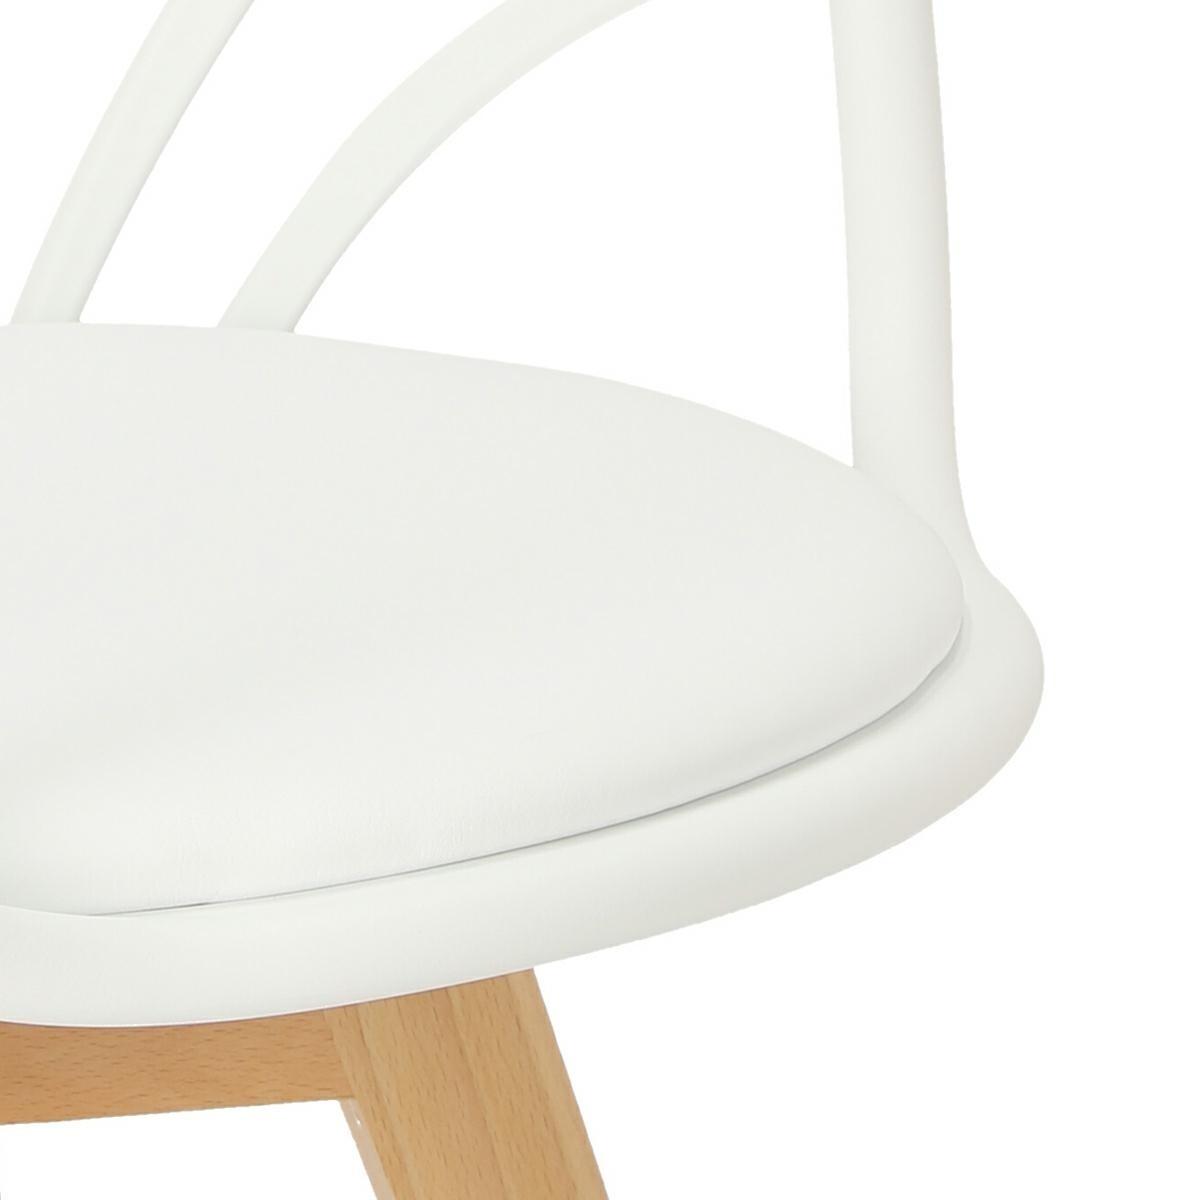 Krzesło Sirena z podłokietnikami białe - zdjęcie nr 10